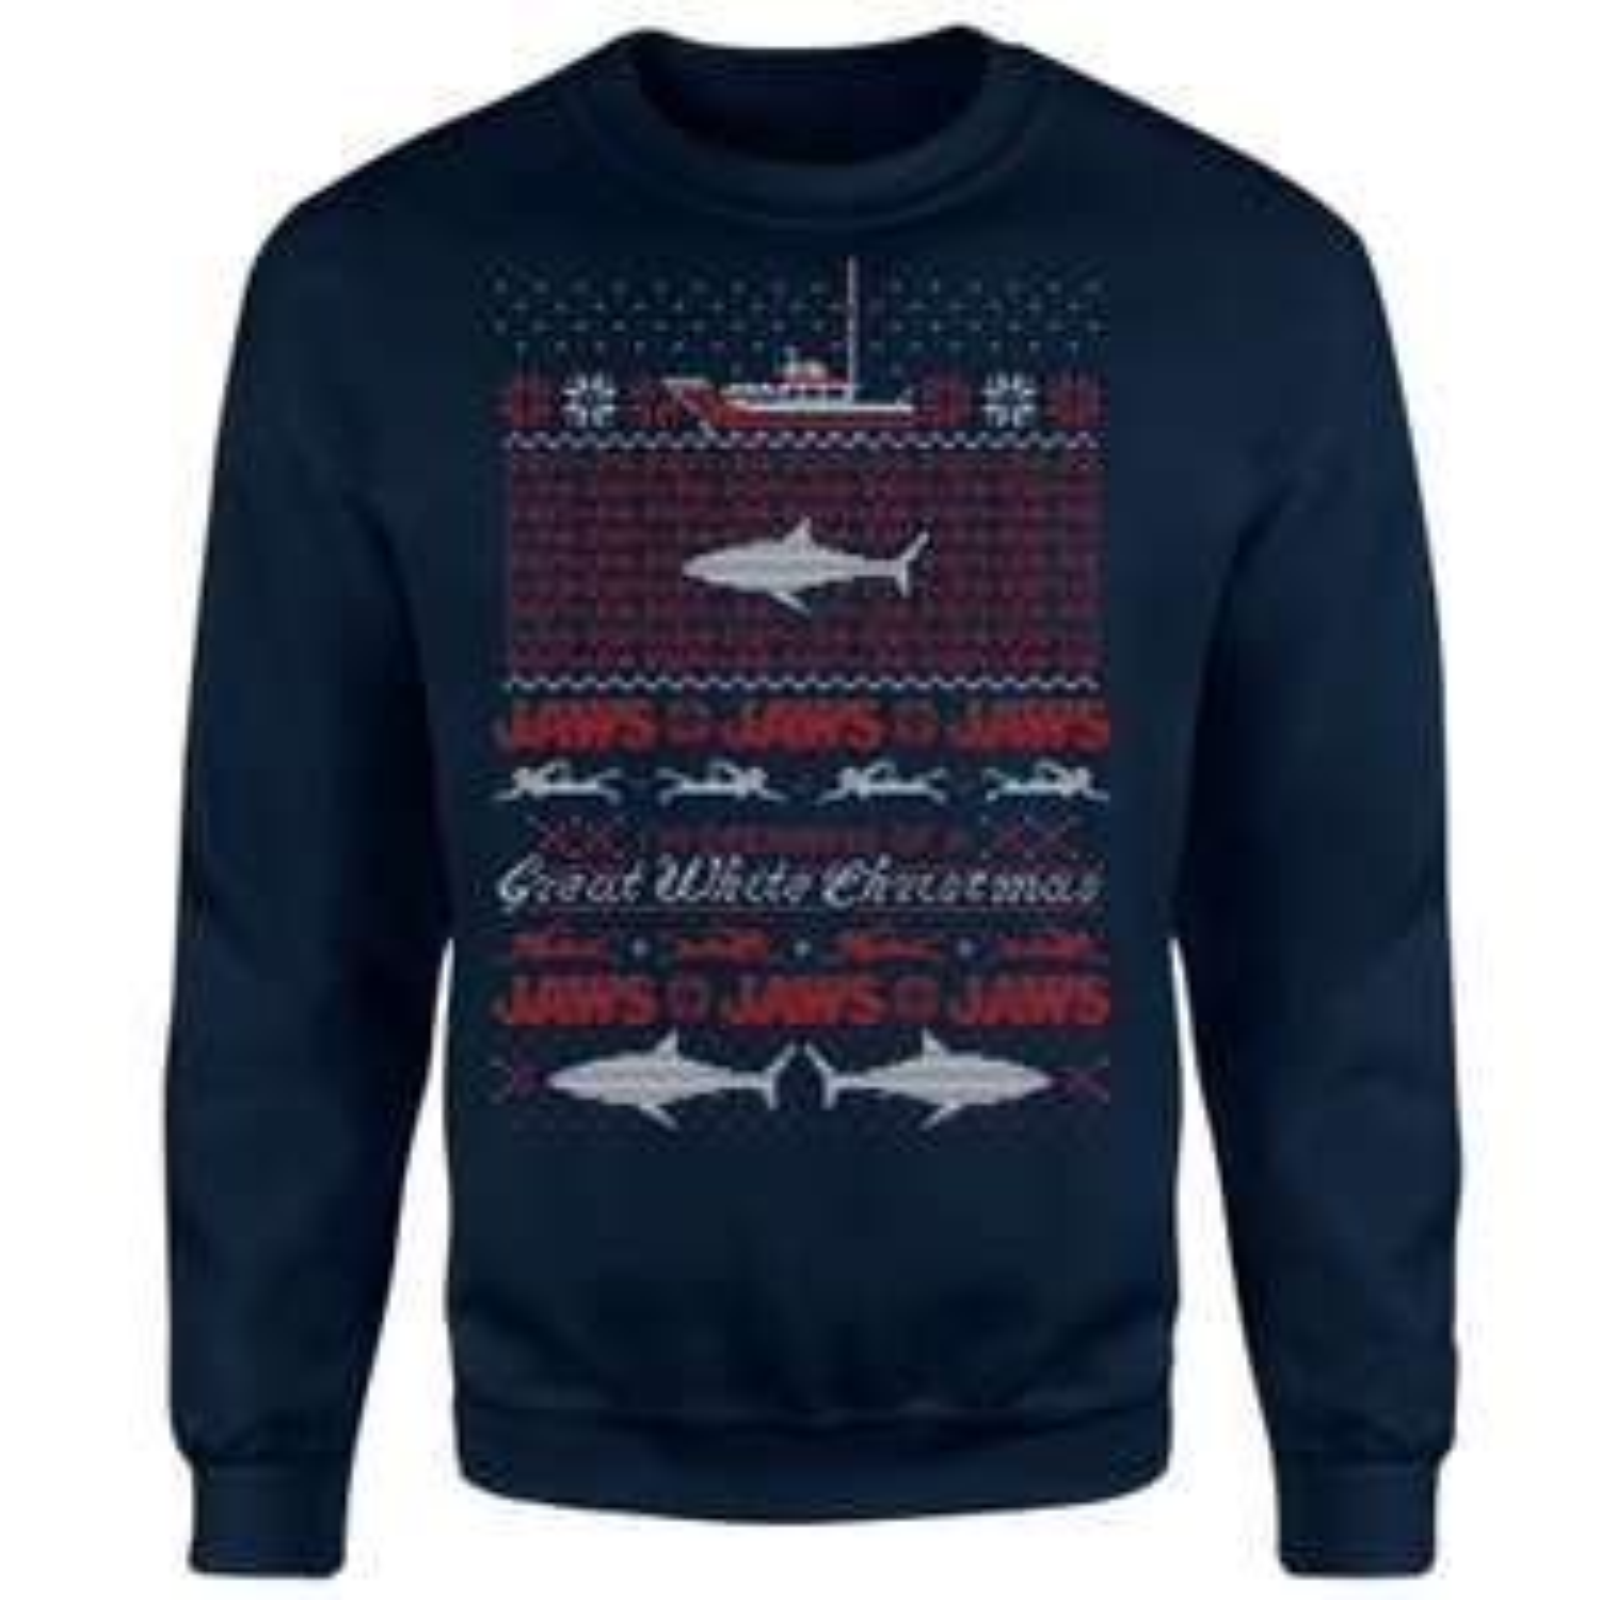 Jaws Great White Kersttrui voor €20,99 incl. verzending @Zavvi